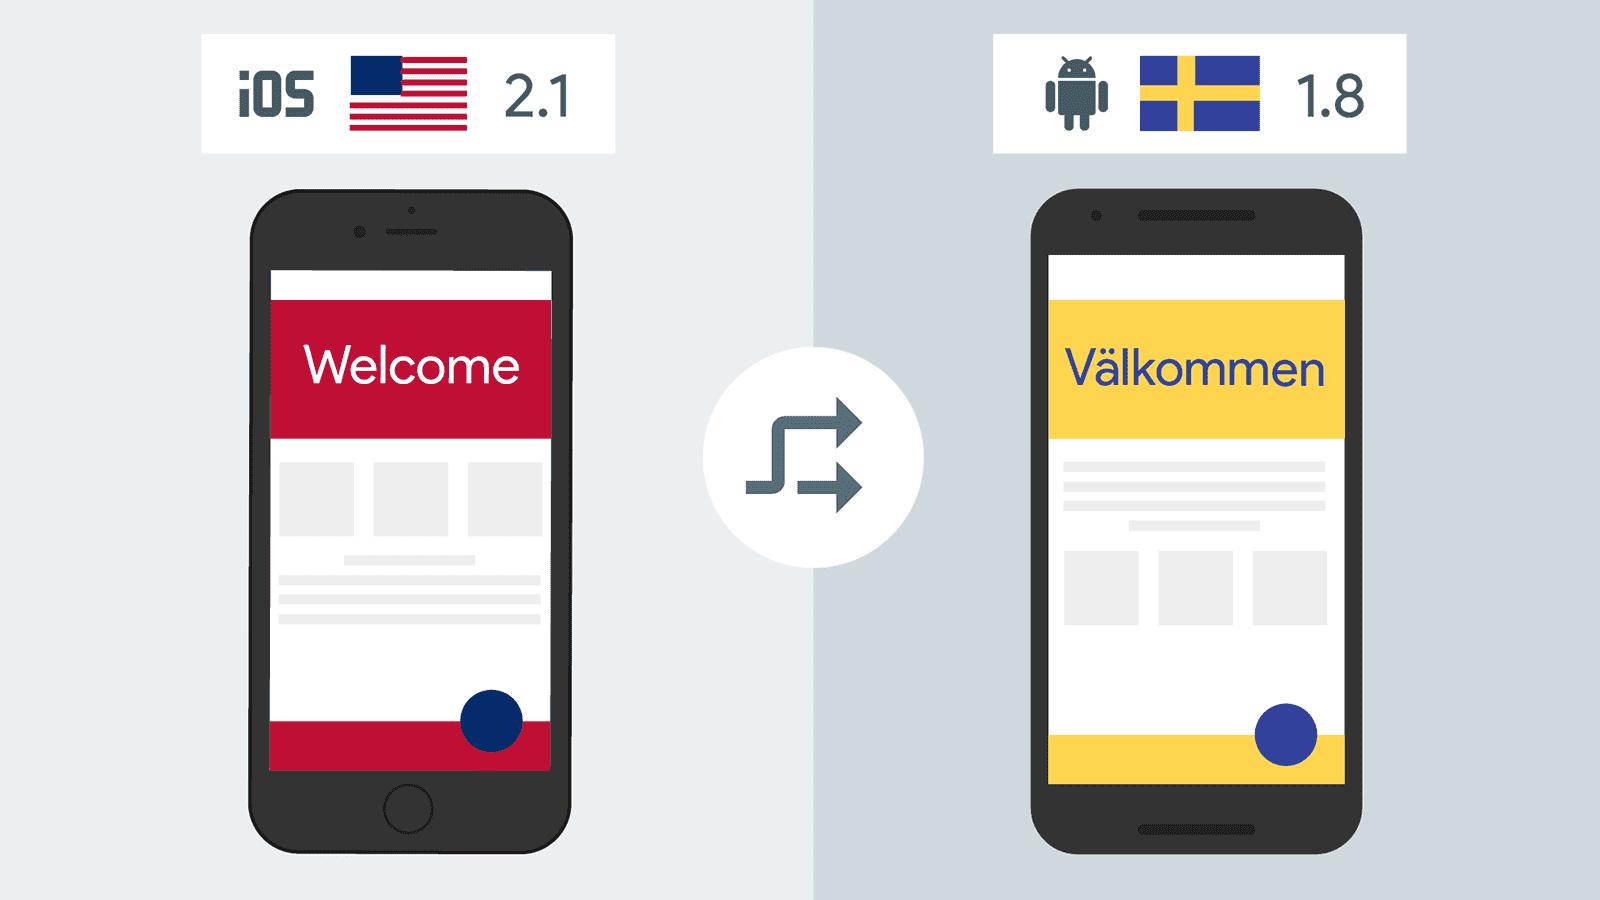 以不同语言显示内容的两部手机